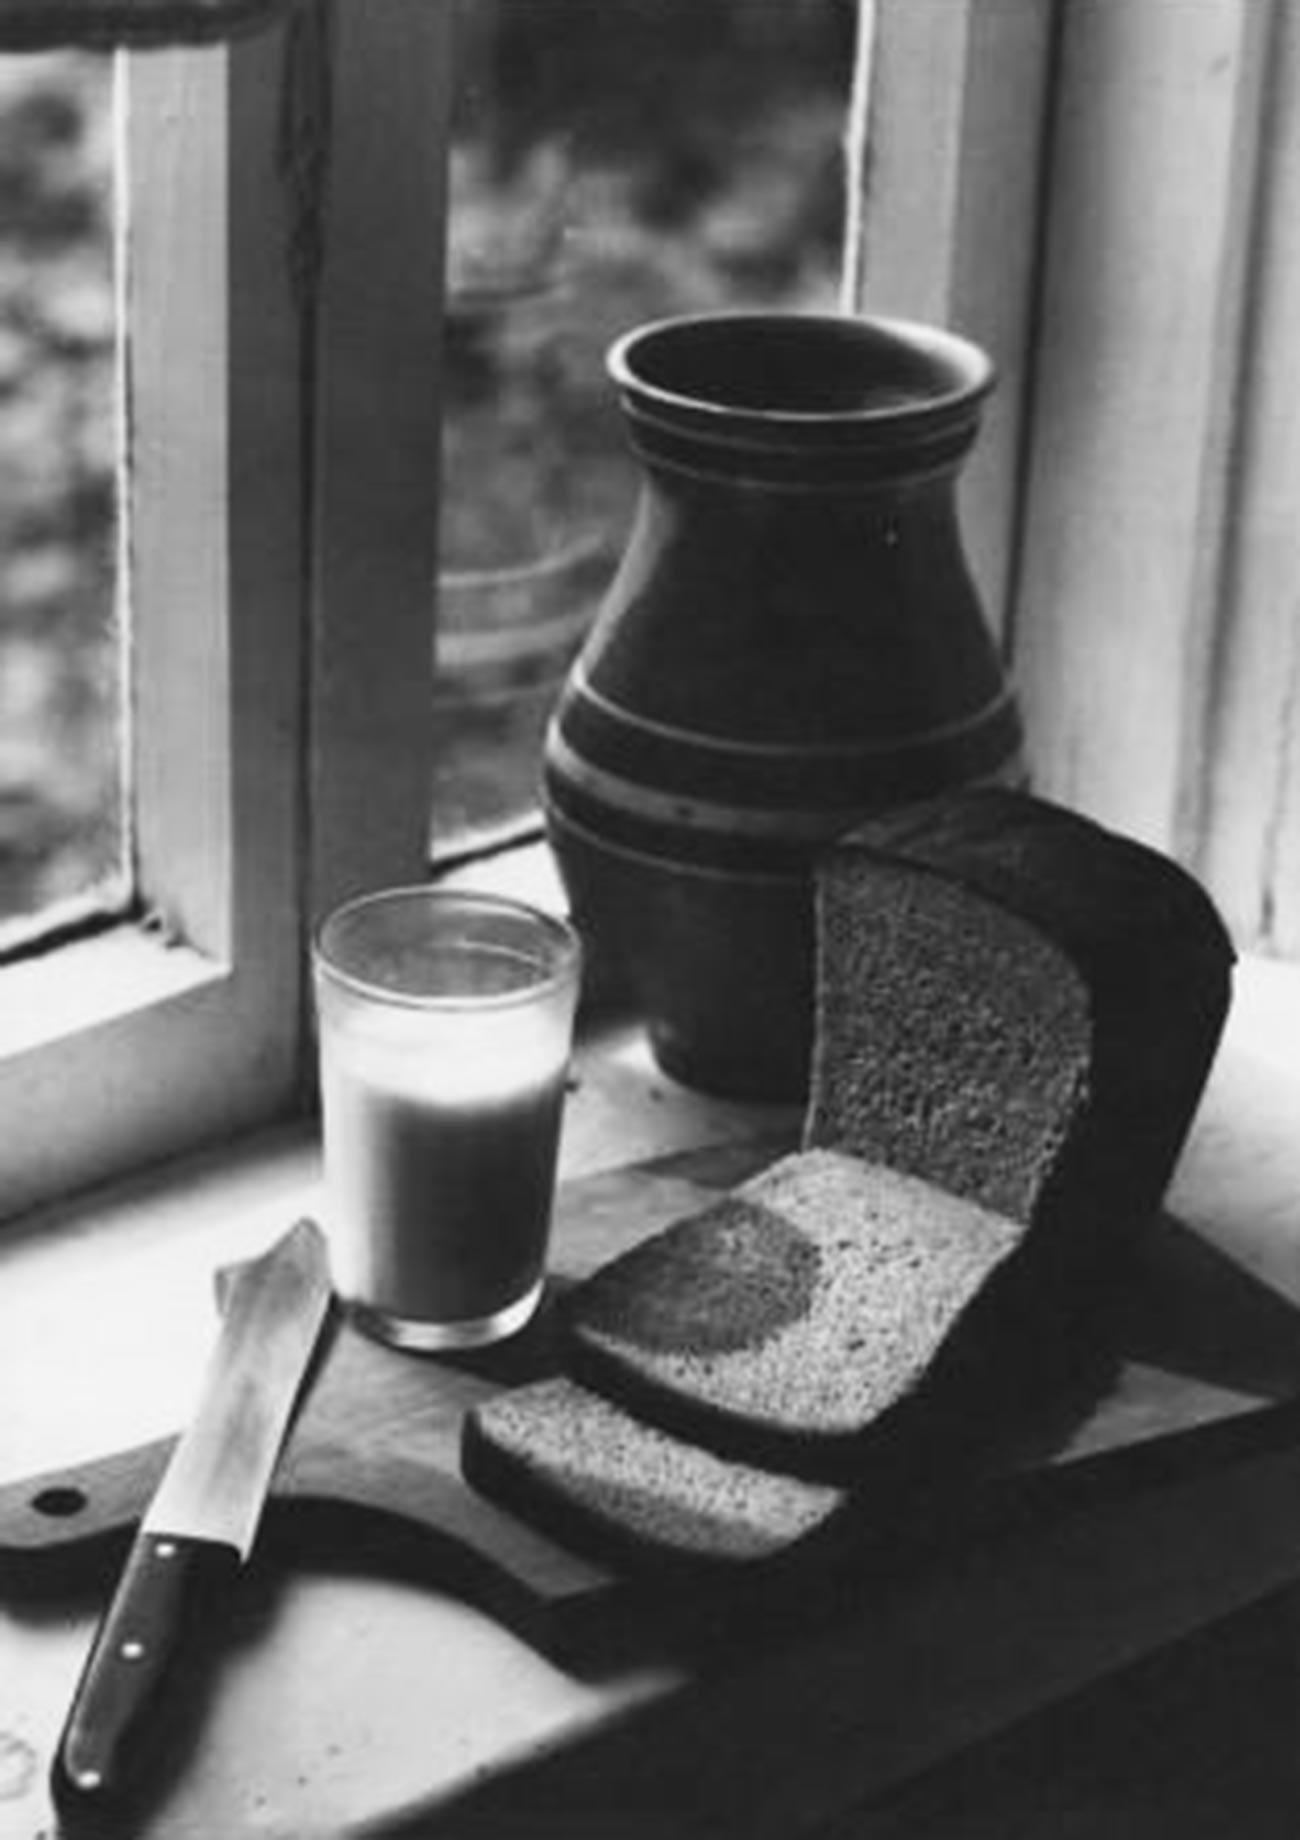 Du lait dans un pot en céramique et du pain noir, deux choses qui manquent aux Russes vivant à l'étranger (1978)